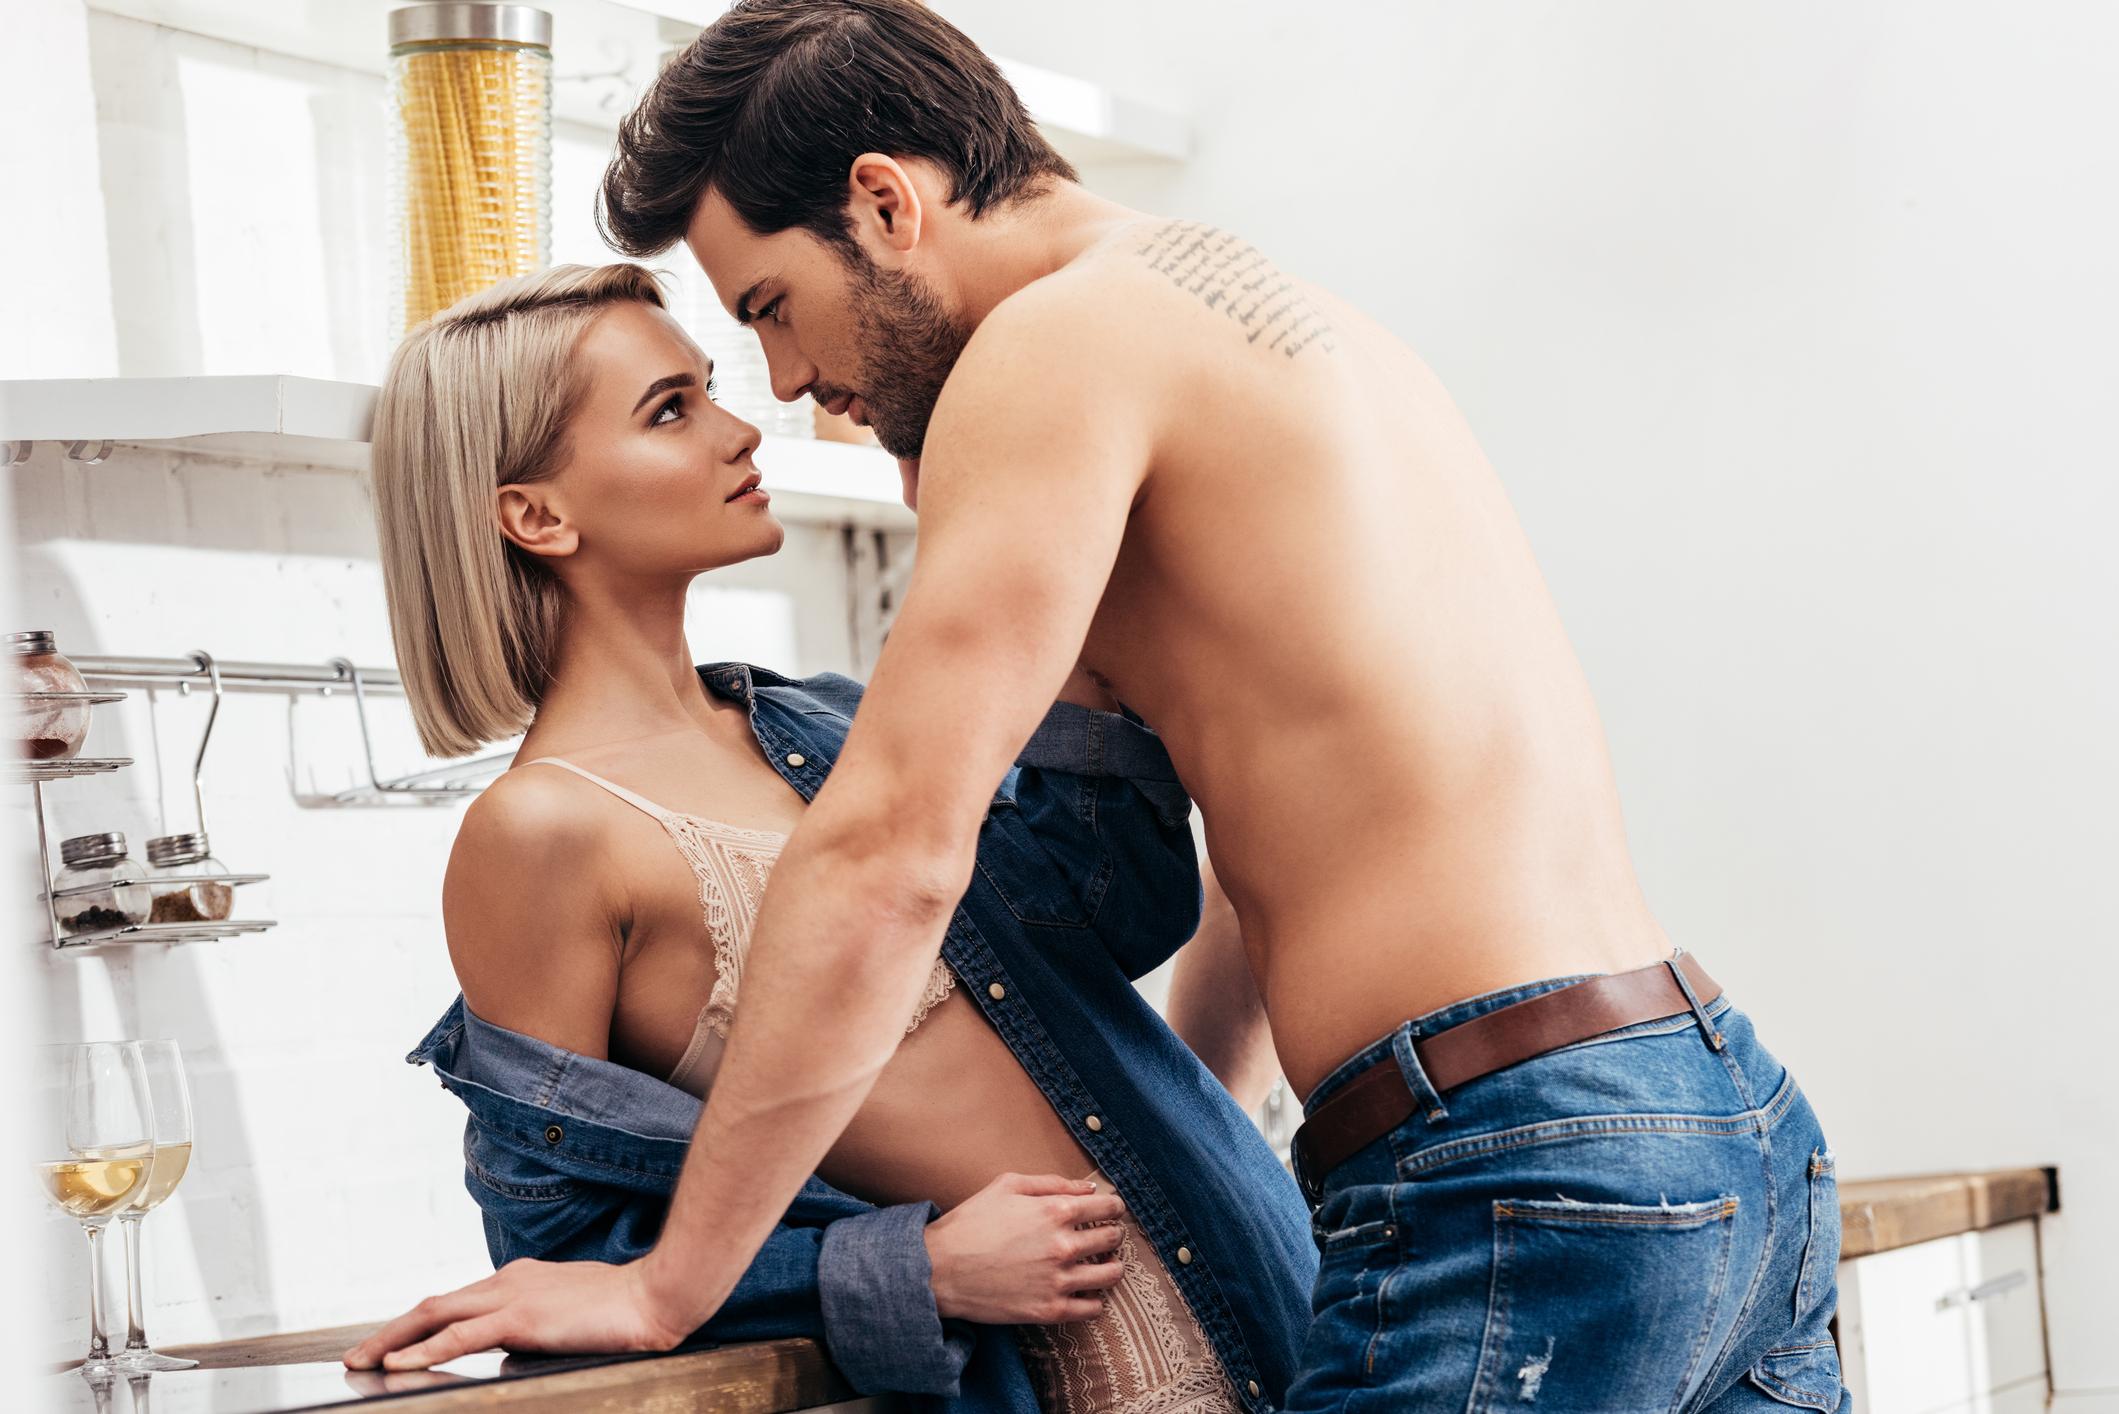 Vrijeme provedeno u izolaciji može se iskoristiti i za razvijanje seksualne mašte.